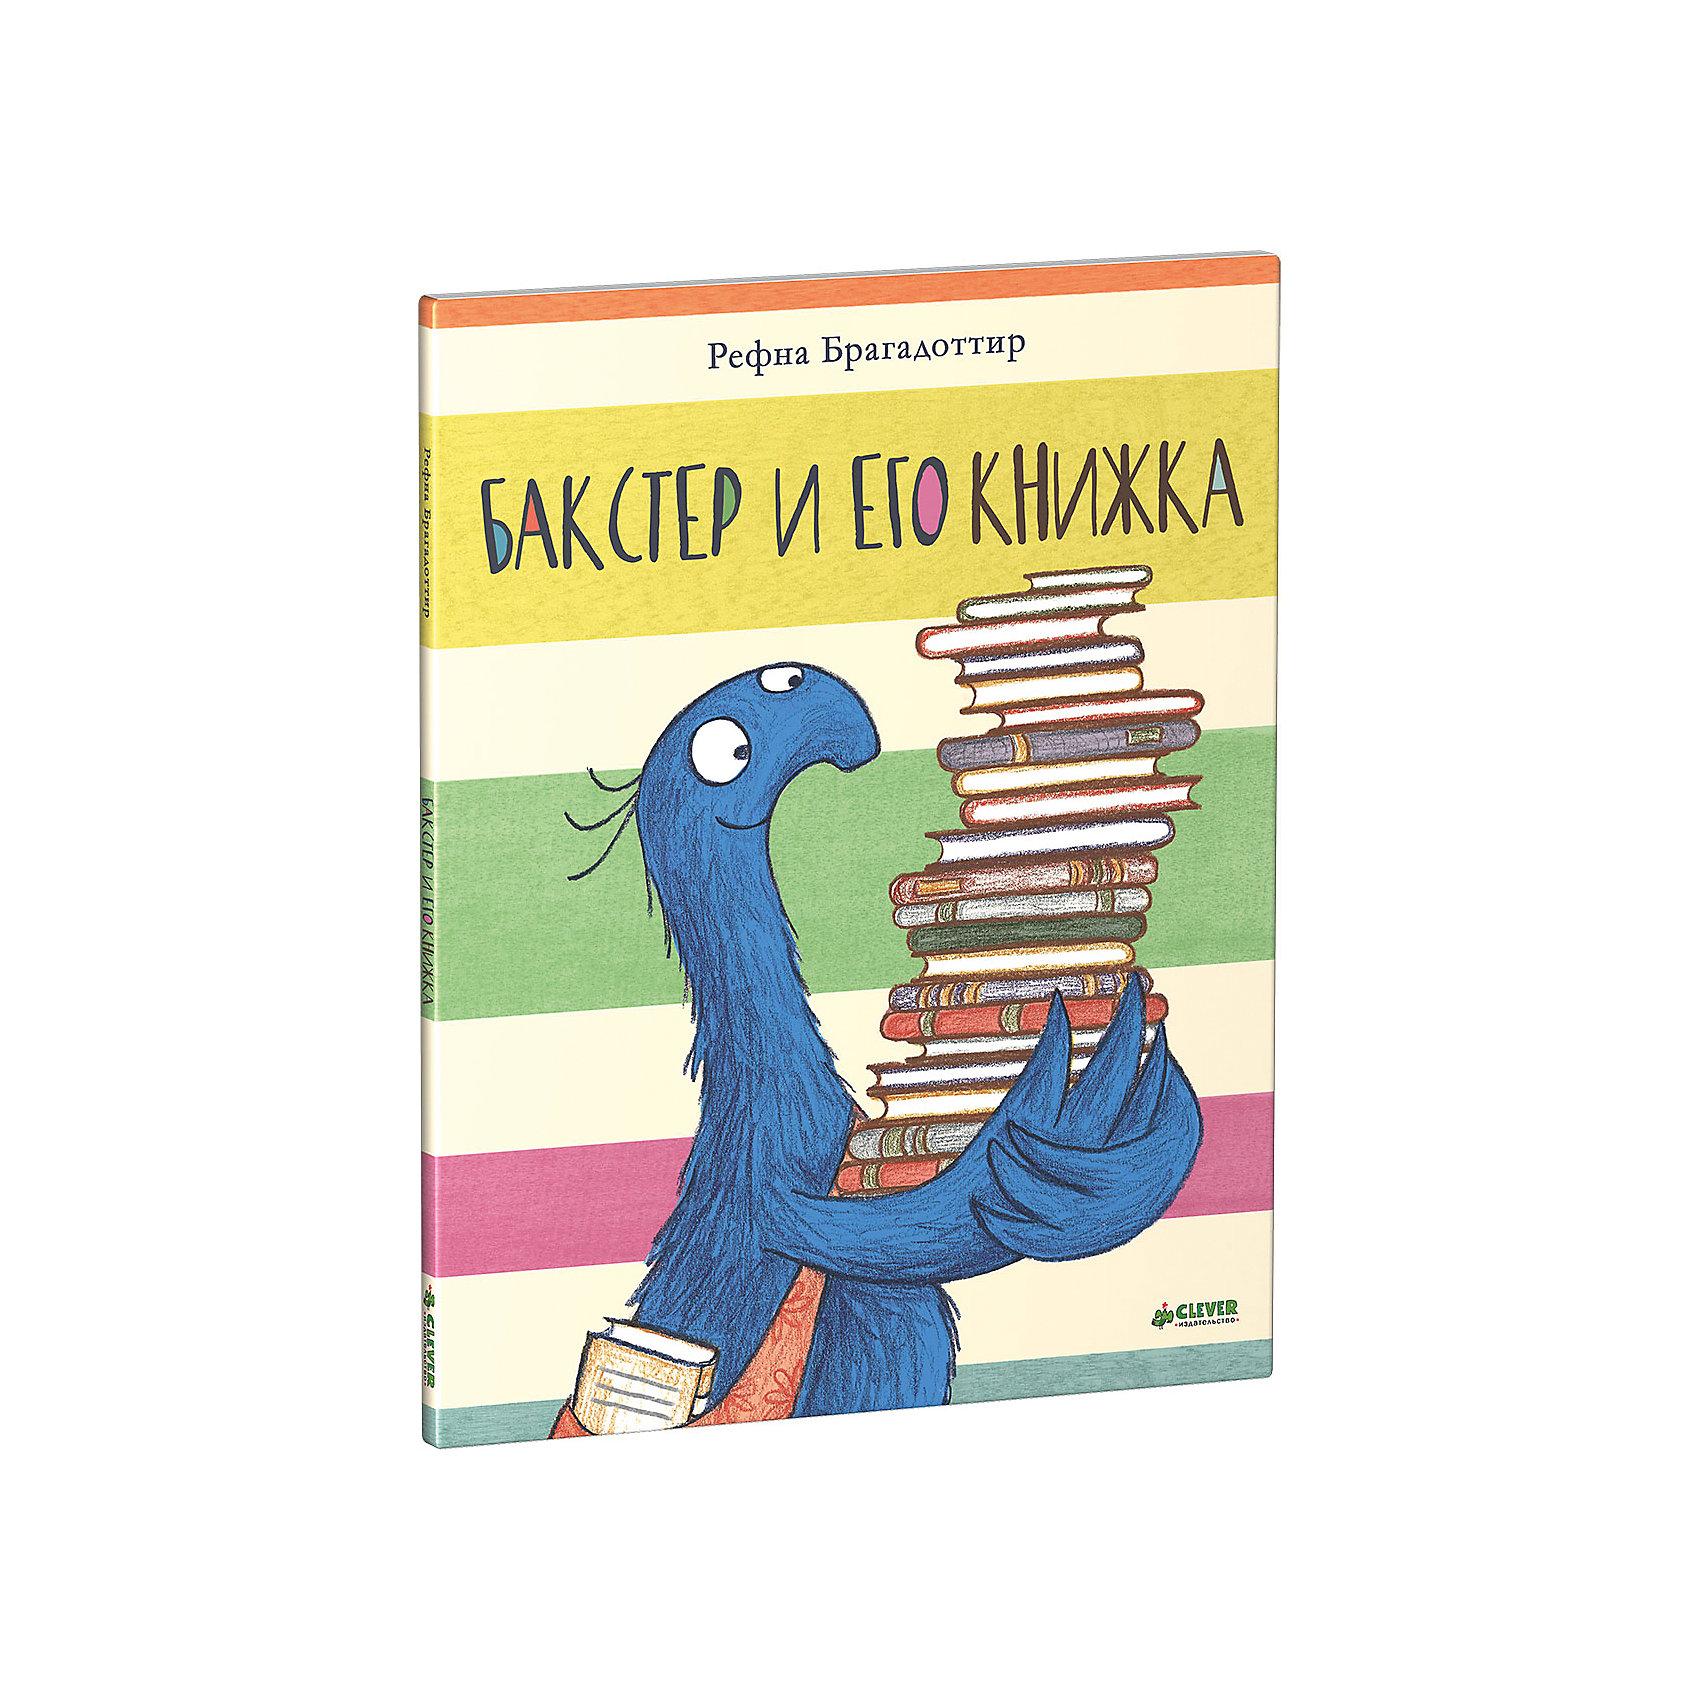 Бакстер и его книжкаСтихи<br>Волшебные истории помогают не только весело провести время с детьми - это мощный инструмент для развития и обучения малышей. Интеллект и словарный запас ребенка нужно развивать - и тогда он в дальнейшем сможет освоить больше полезных навыков. Сделать это занятие интересным и легким поможет данная книга с доброй и интересной сказкой.<br>С помощью ярких картинок можно легко познакомить ребенка с сюжетом этой замечательной сказки про Бакстера, дать ему поток новых слов и выражений. Книга отличается удобным форматом, твердым переплетом и красочными изображениями, которые малыши с удовольствием рассматривают. Это издание пригодятся для тех, кто хочет вырастить гармоничного человека. <br><br>Дополнительная информация:<br><br>размер: 23 x 29 см;<br>страниц: 32;<br>твердый переплет.<br><br>Издание Бакстер и его книжка можно купить в нашем интернет-магазине.<br><br>Ширина мм: 290<br>Глубина мм: 230<br>Высота мм: 15<br>Вес г: 380<br>Возраст от месяцев: 48<br>Возраст до месяцев: 72<br>Пол: Унисекс<br>Возраст: Детский<br>SKU: 4976133